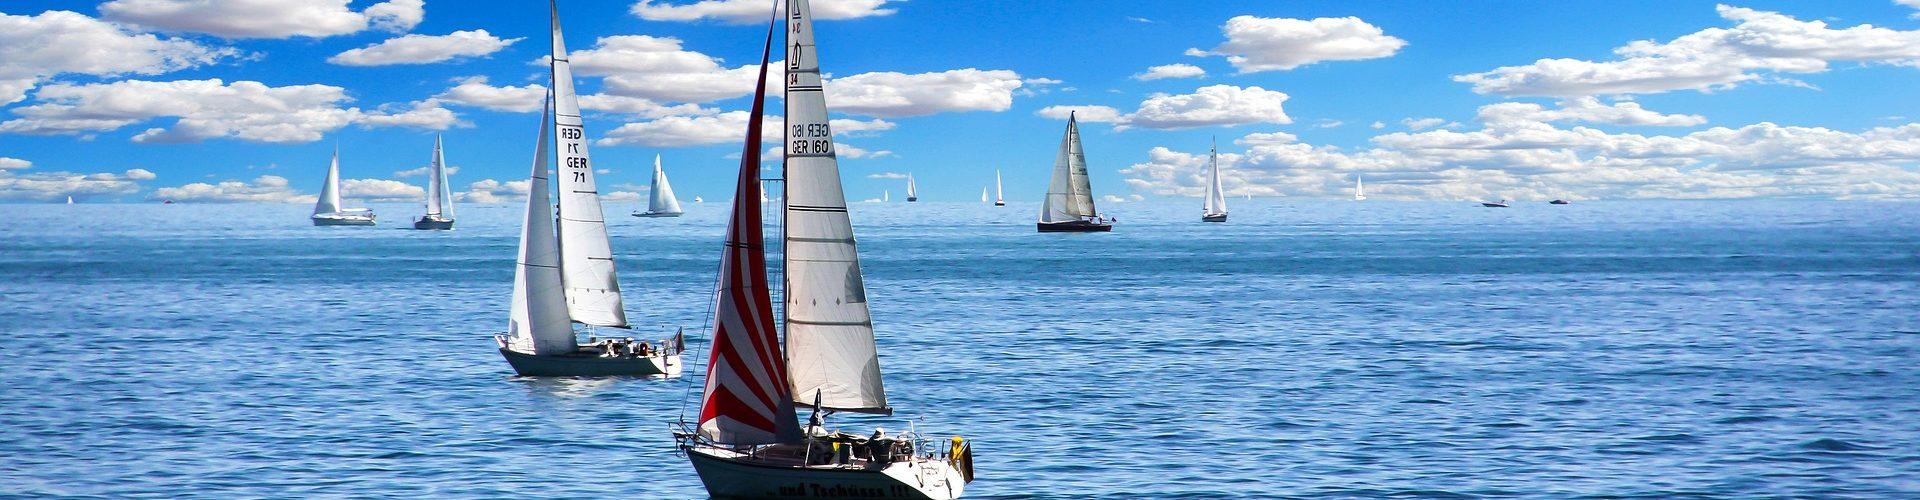 segeln lernen in Alzenau in Unterfranken segelschein machen in Alzenau in Unterfranken 1920x500 - Segeln lernen in Alzenau in Unterfranken